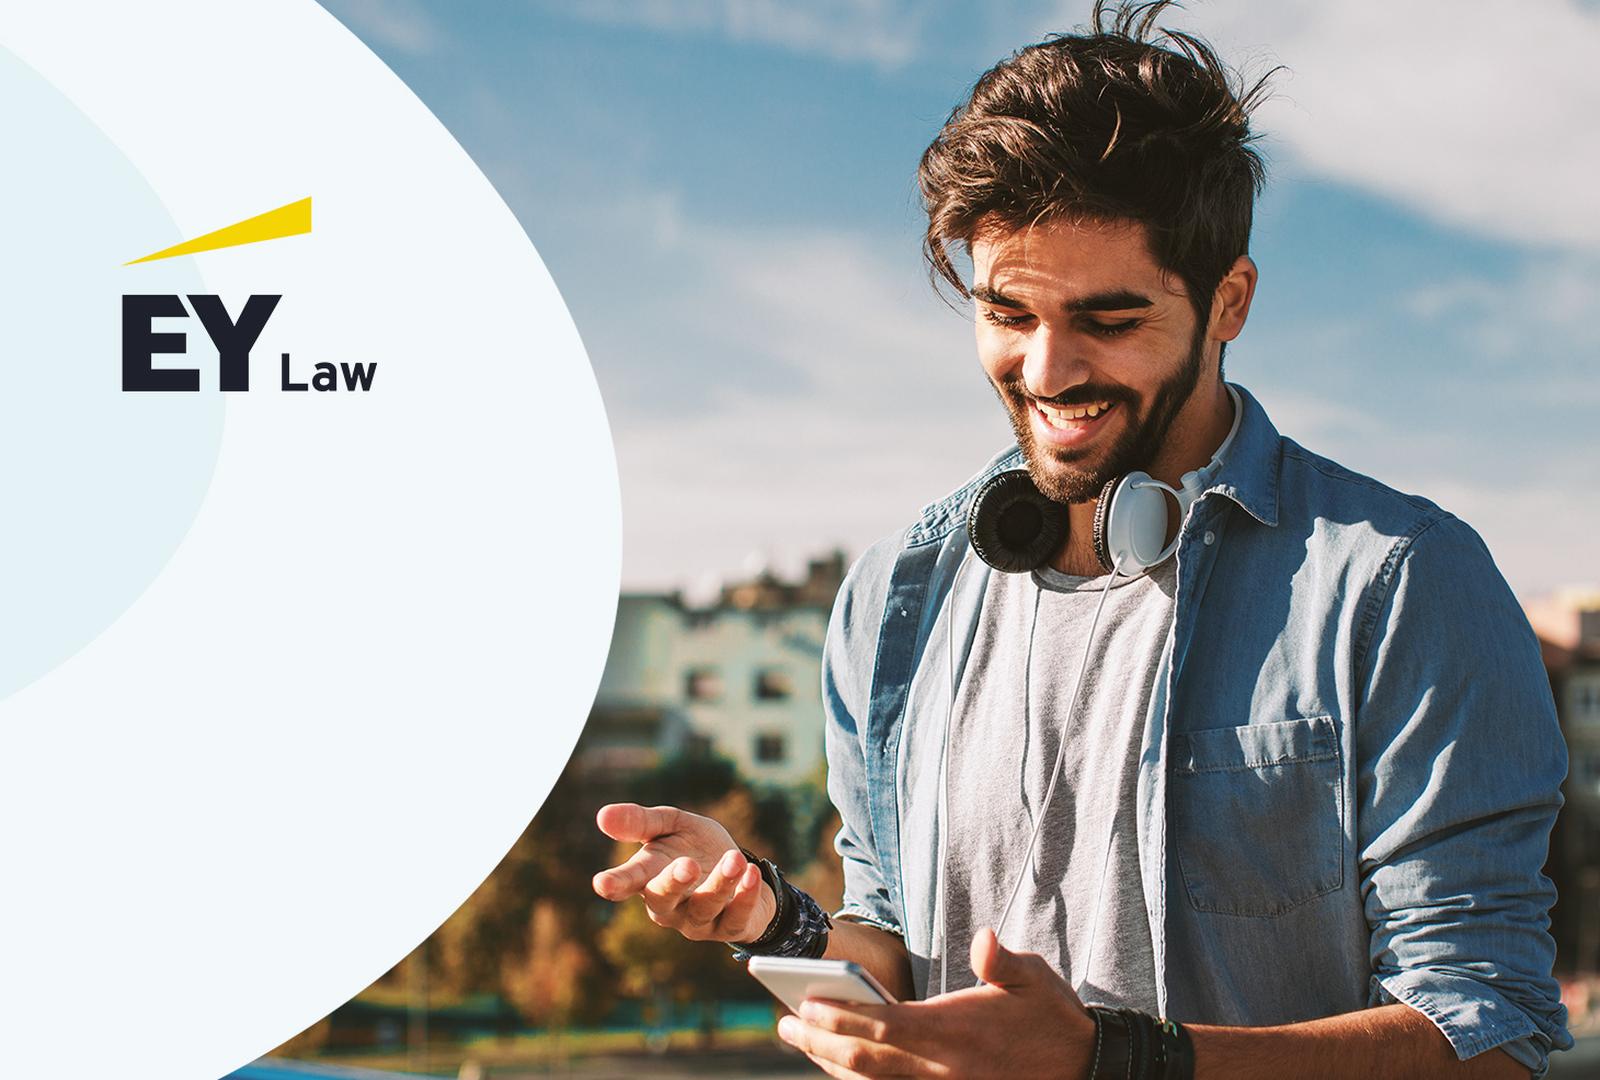 LINK Mobility -  Webinar mit EY Law zum Thema Whatsapp Business: Digitalisierungstreiber oder Privacy Killer?